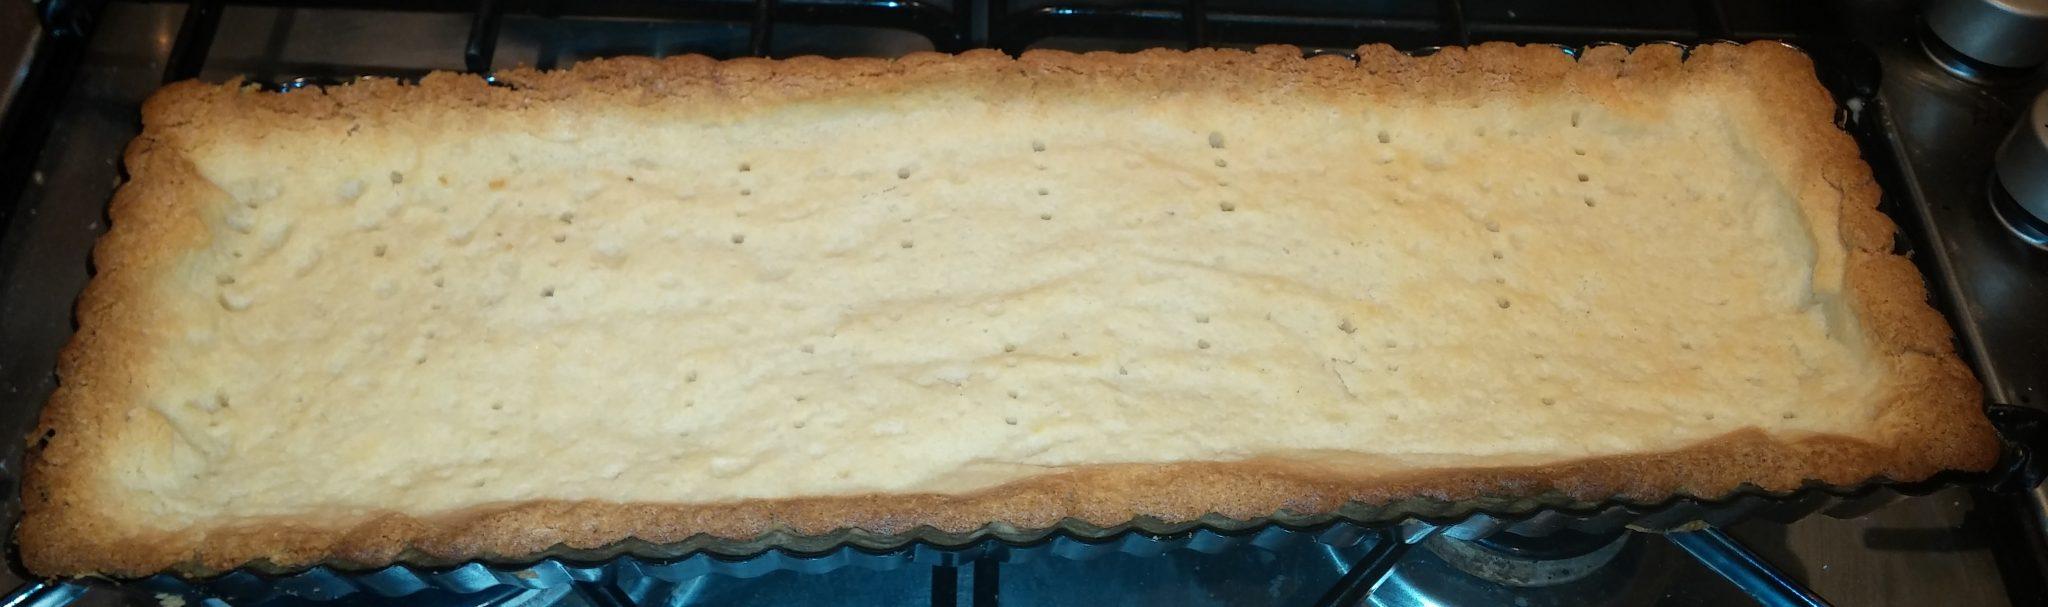 blind baked shortcrust pastry